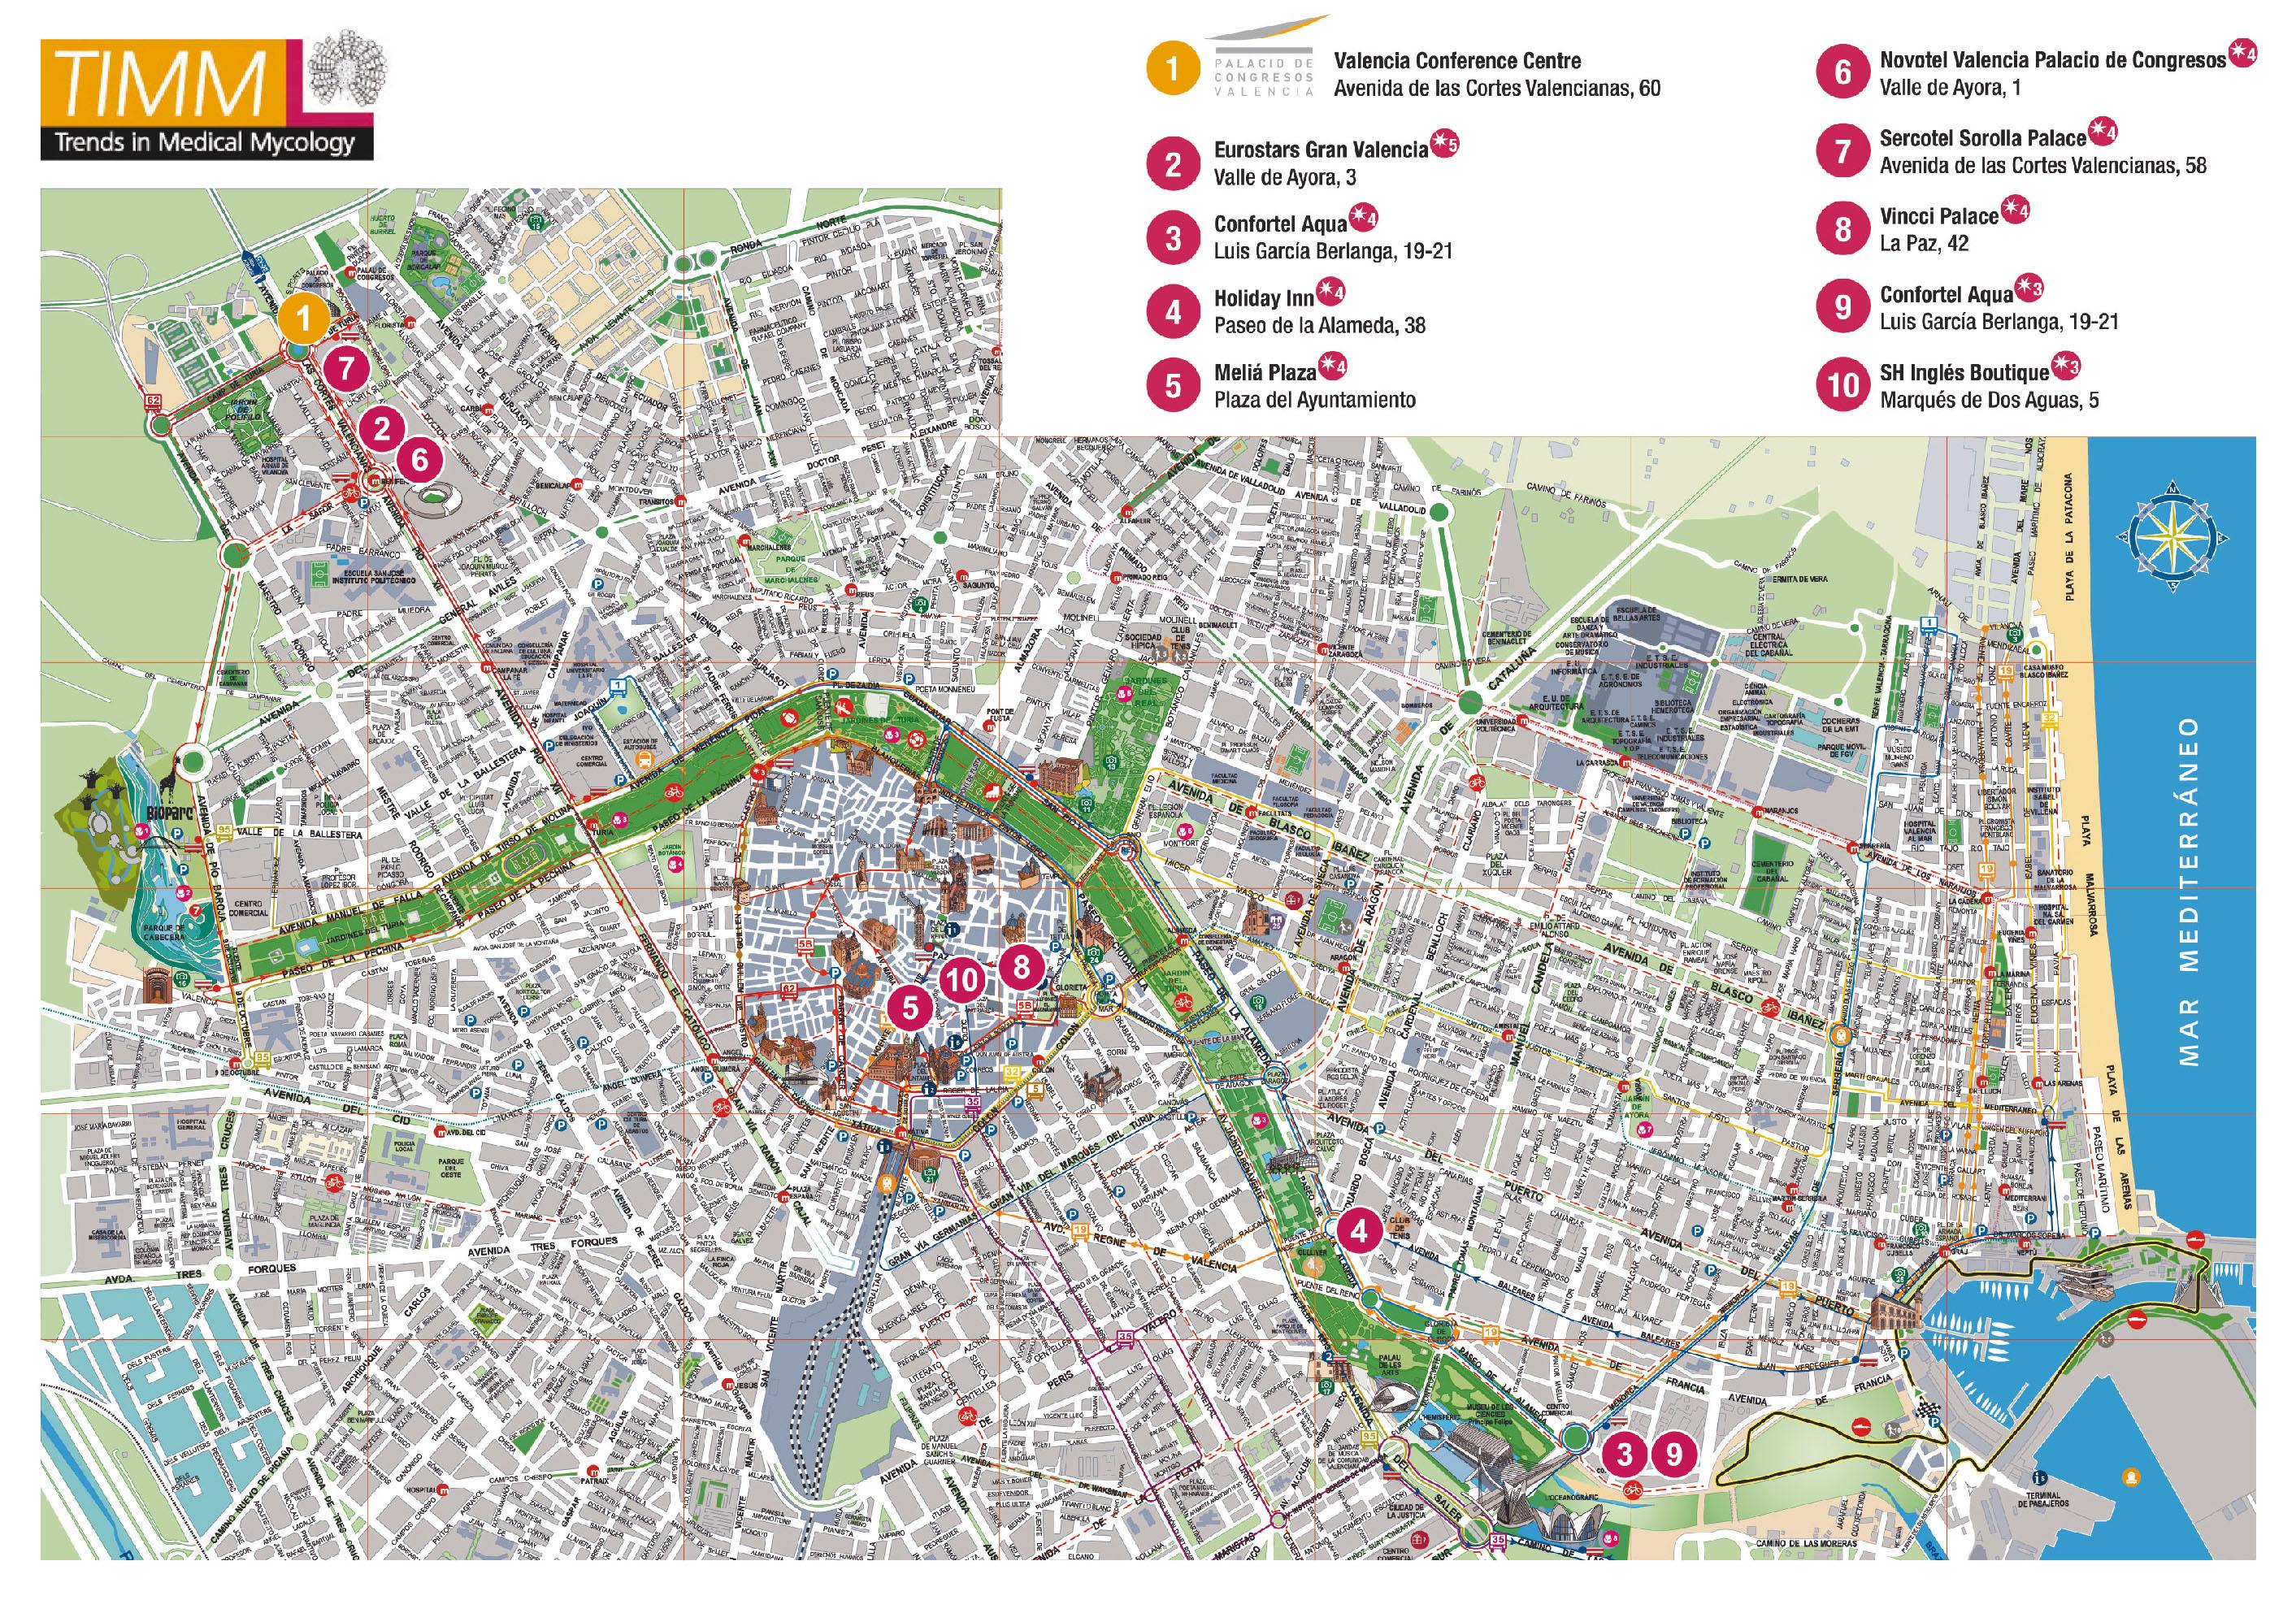 Mapa de Valencia 2011